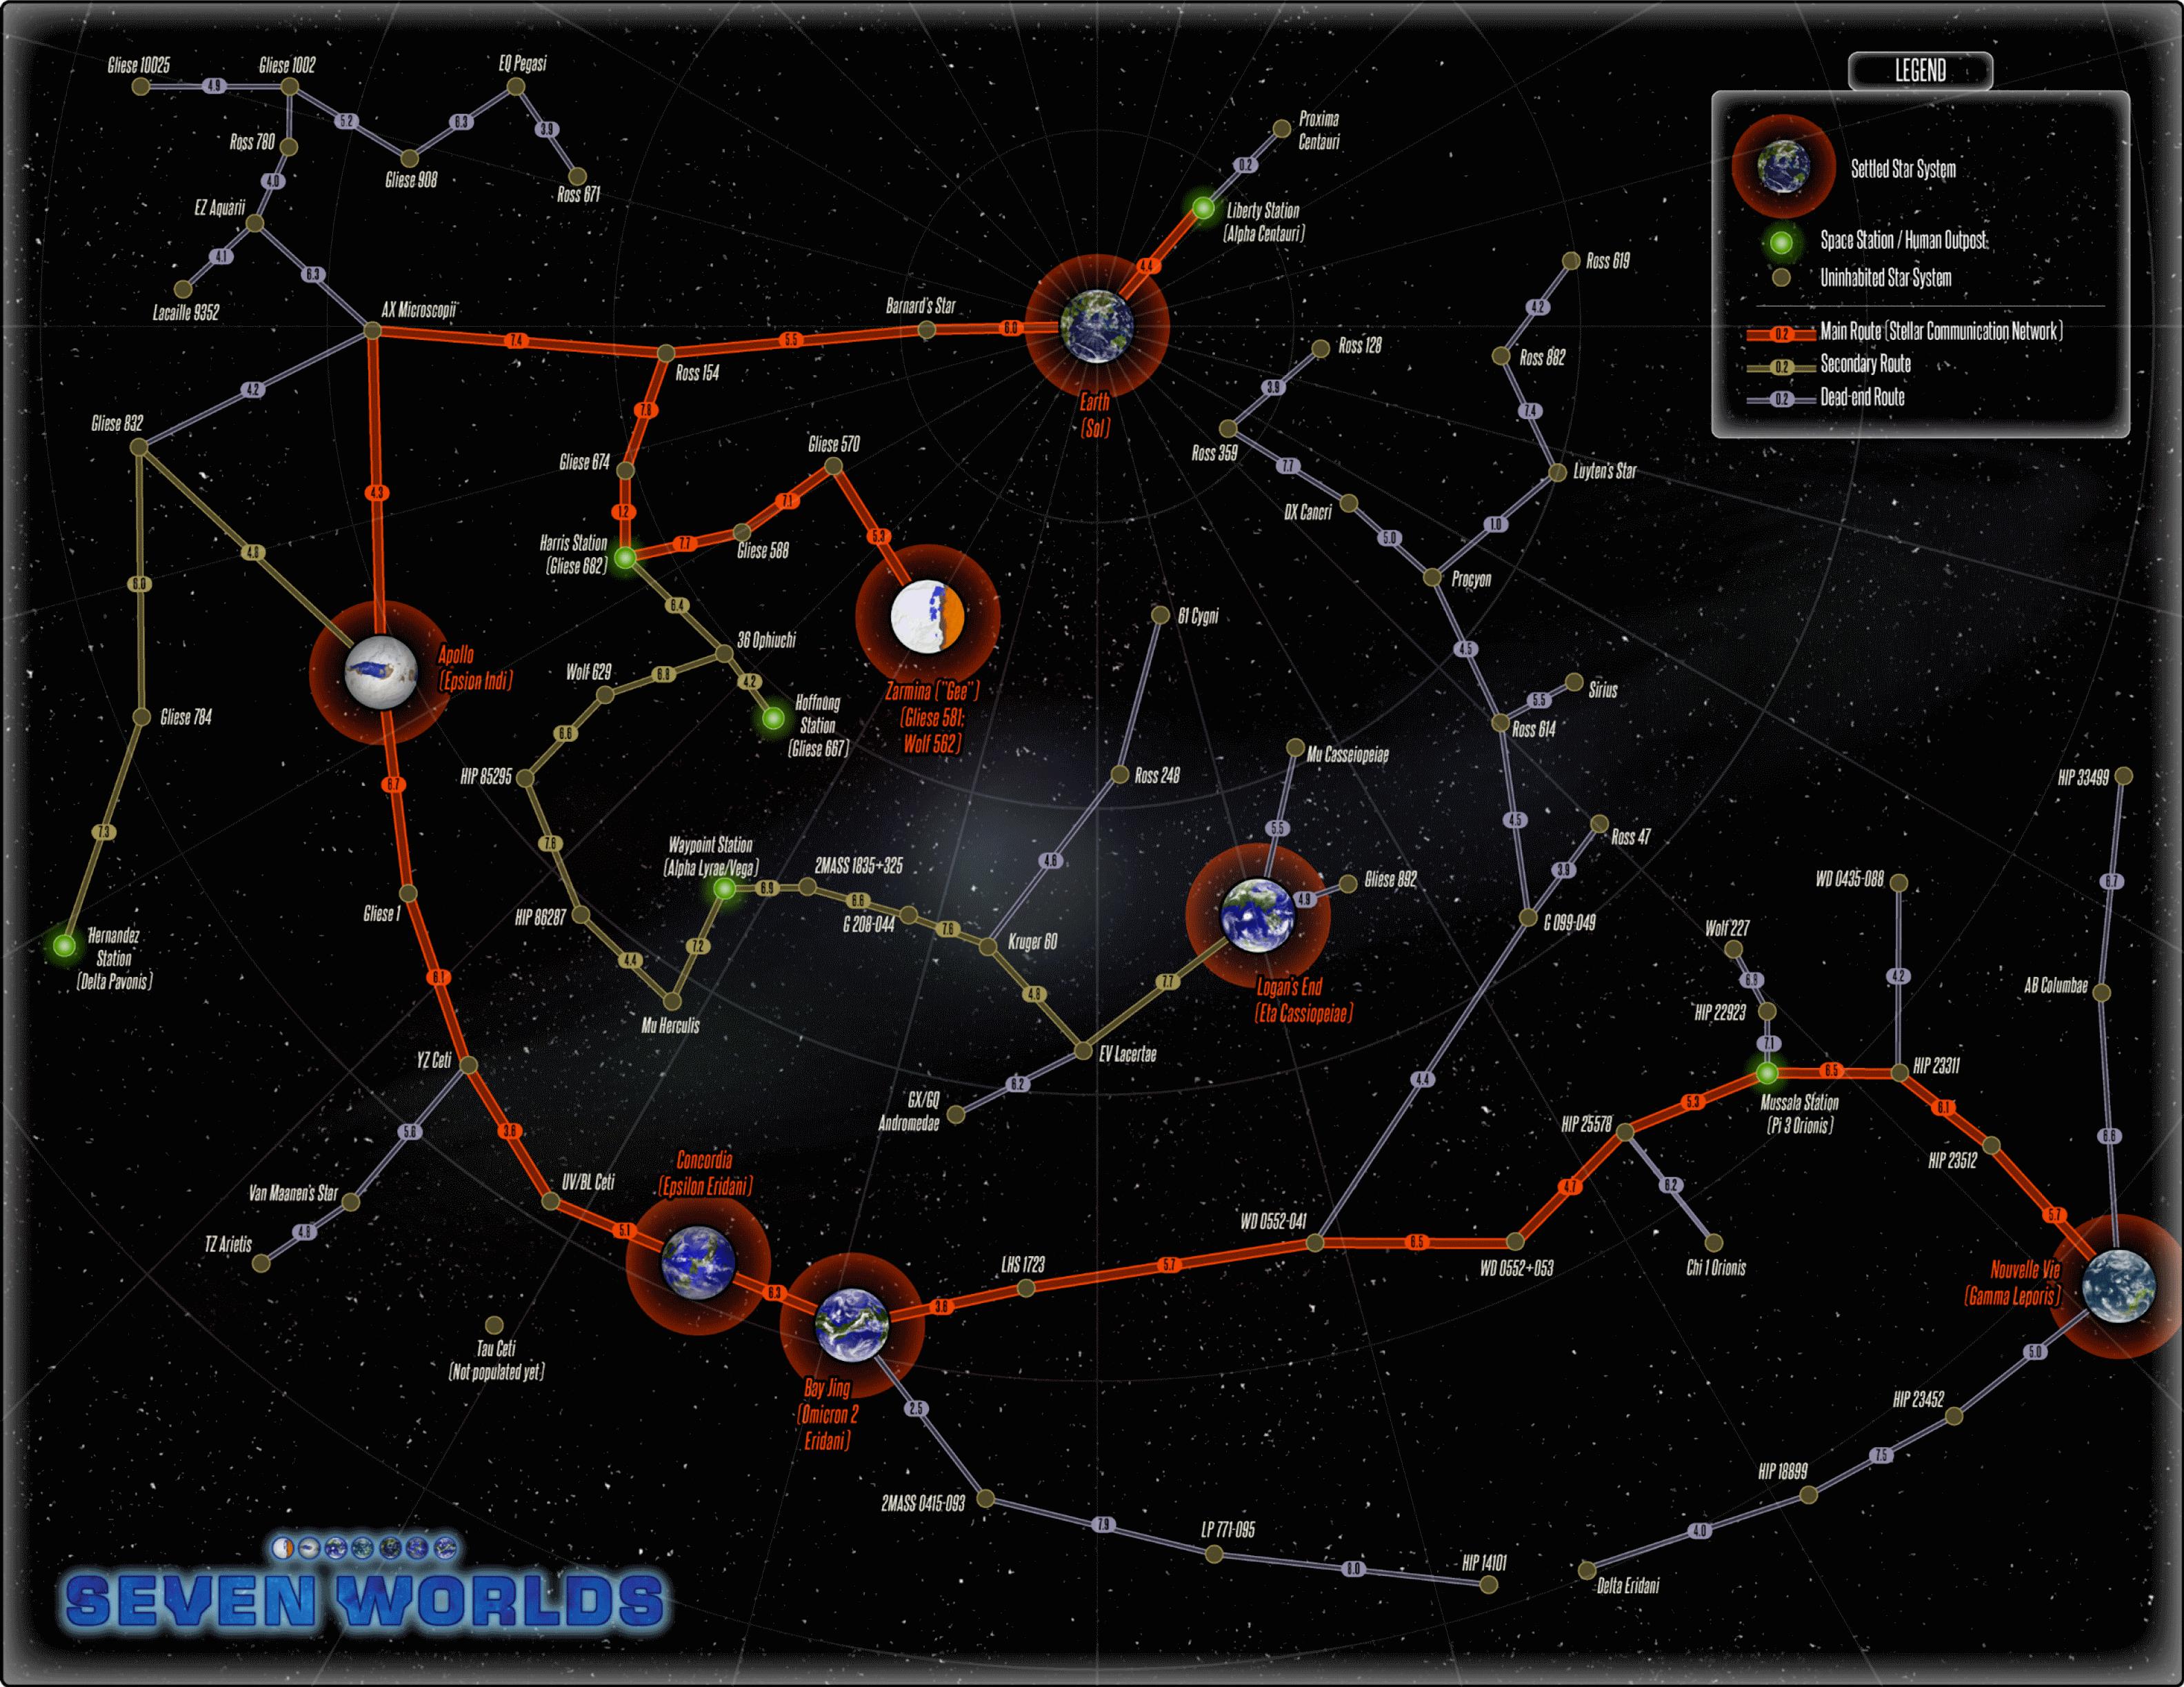 Seven Worlds Full Starmap